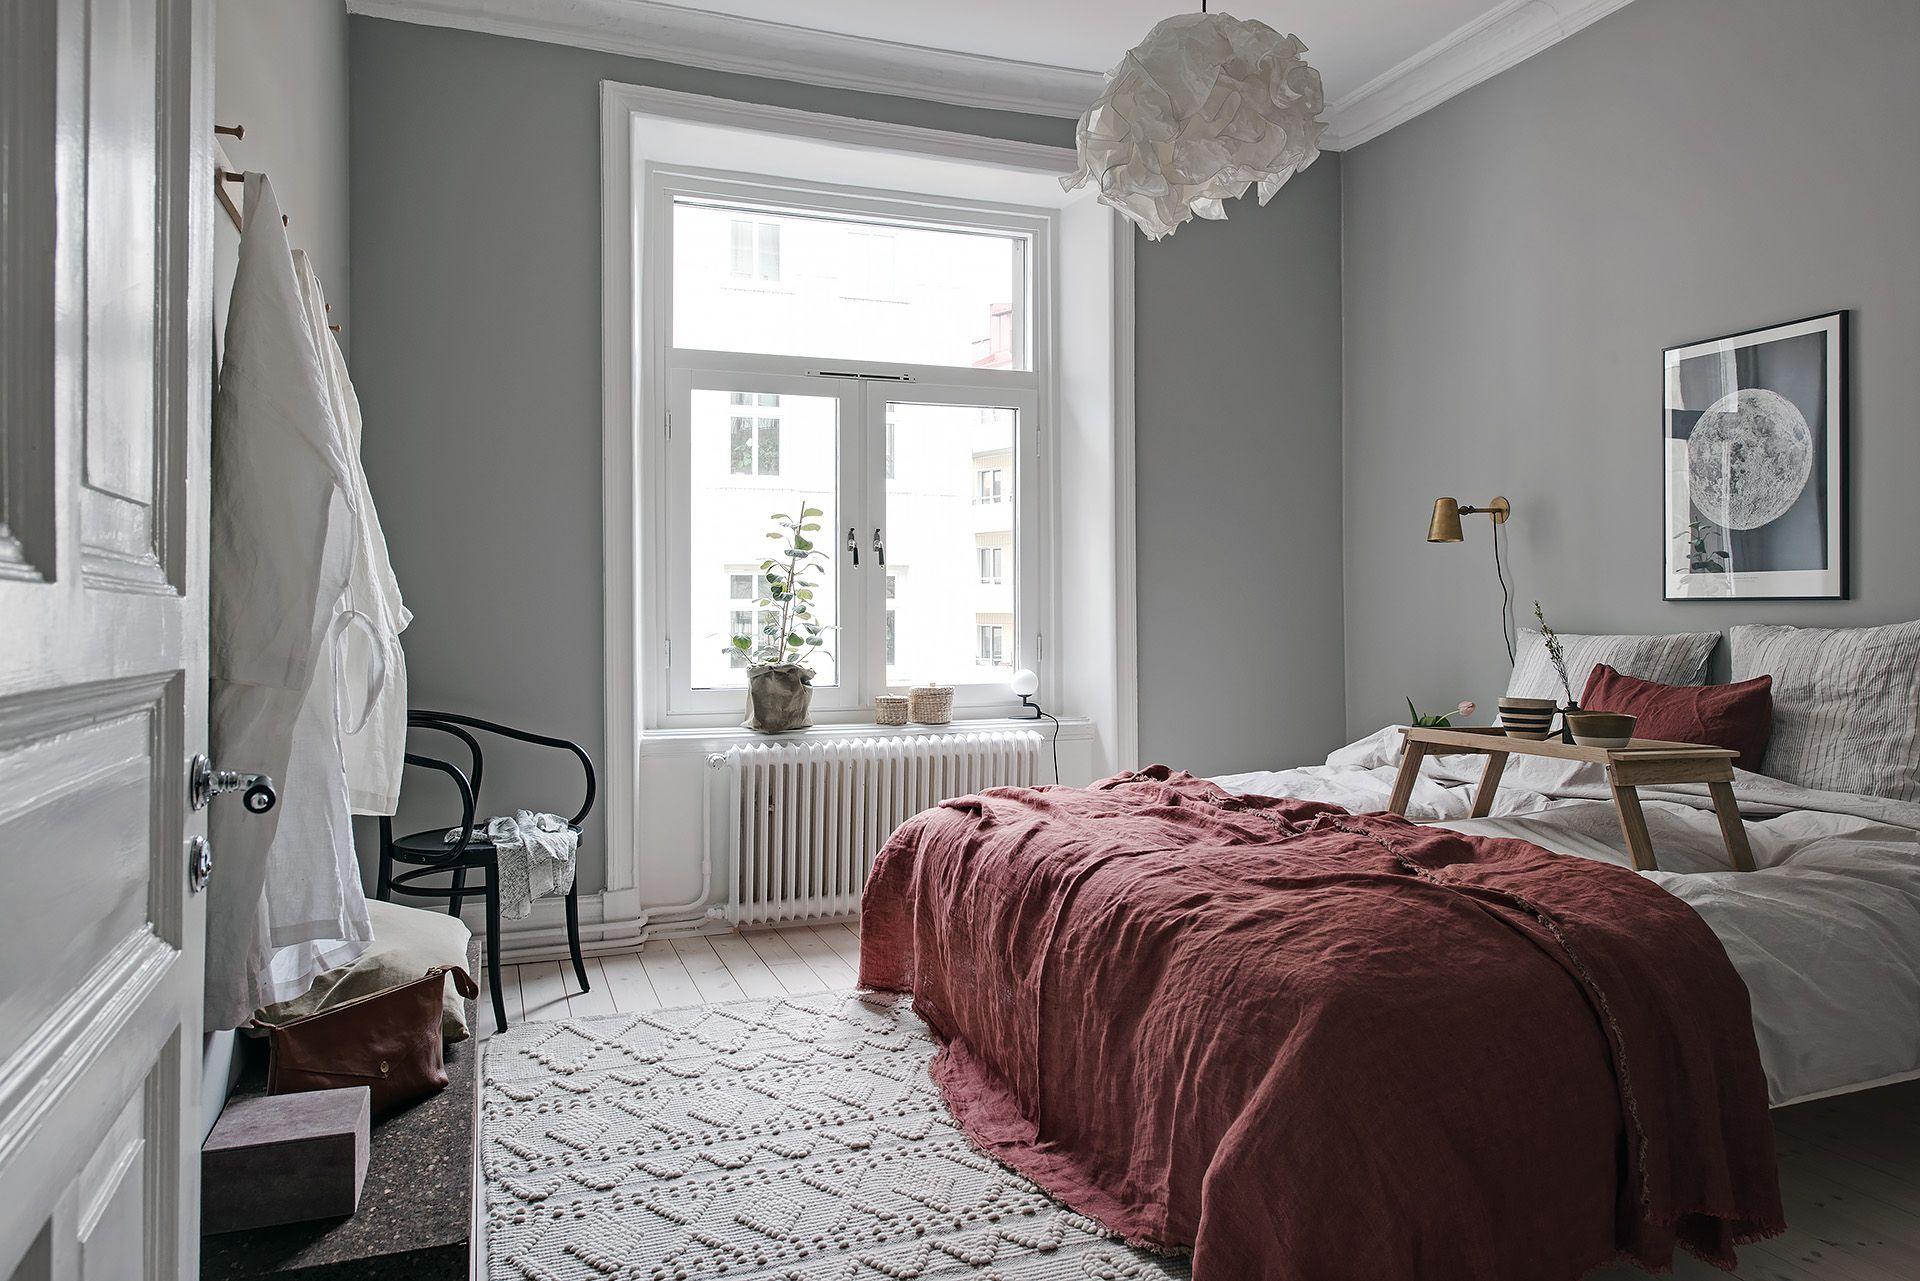 Colori Pastello Per Camera Da Letto : Mattoni a vista e colori pastello home decor camera da